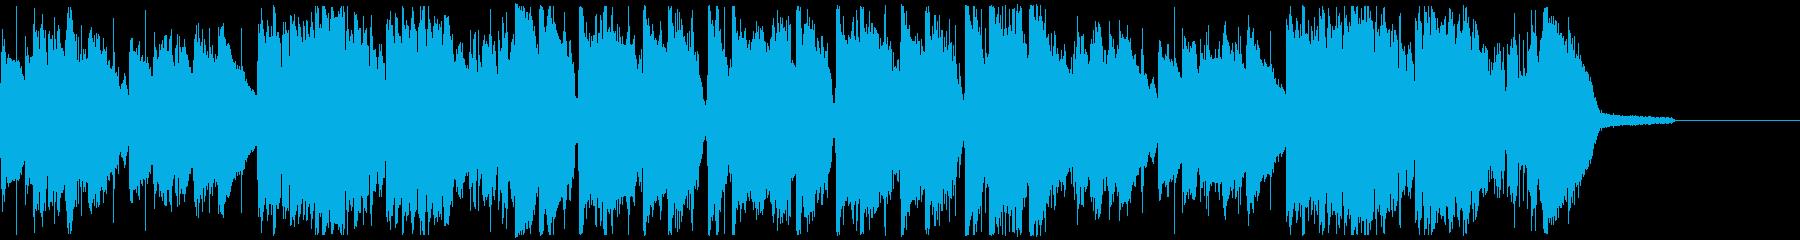 オープニング・おしゃれなポップスの再生済みの波形